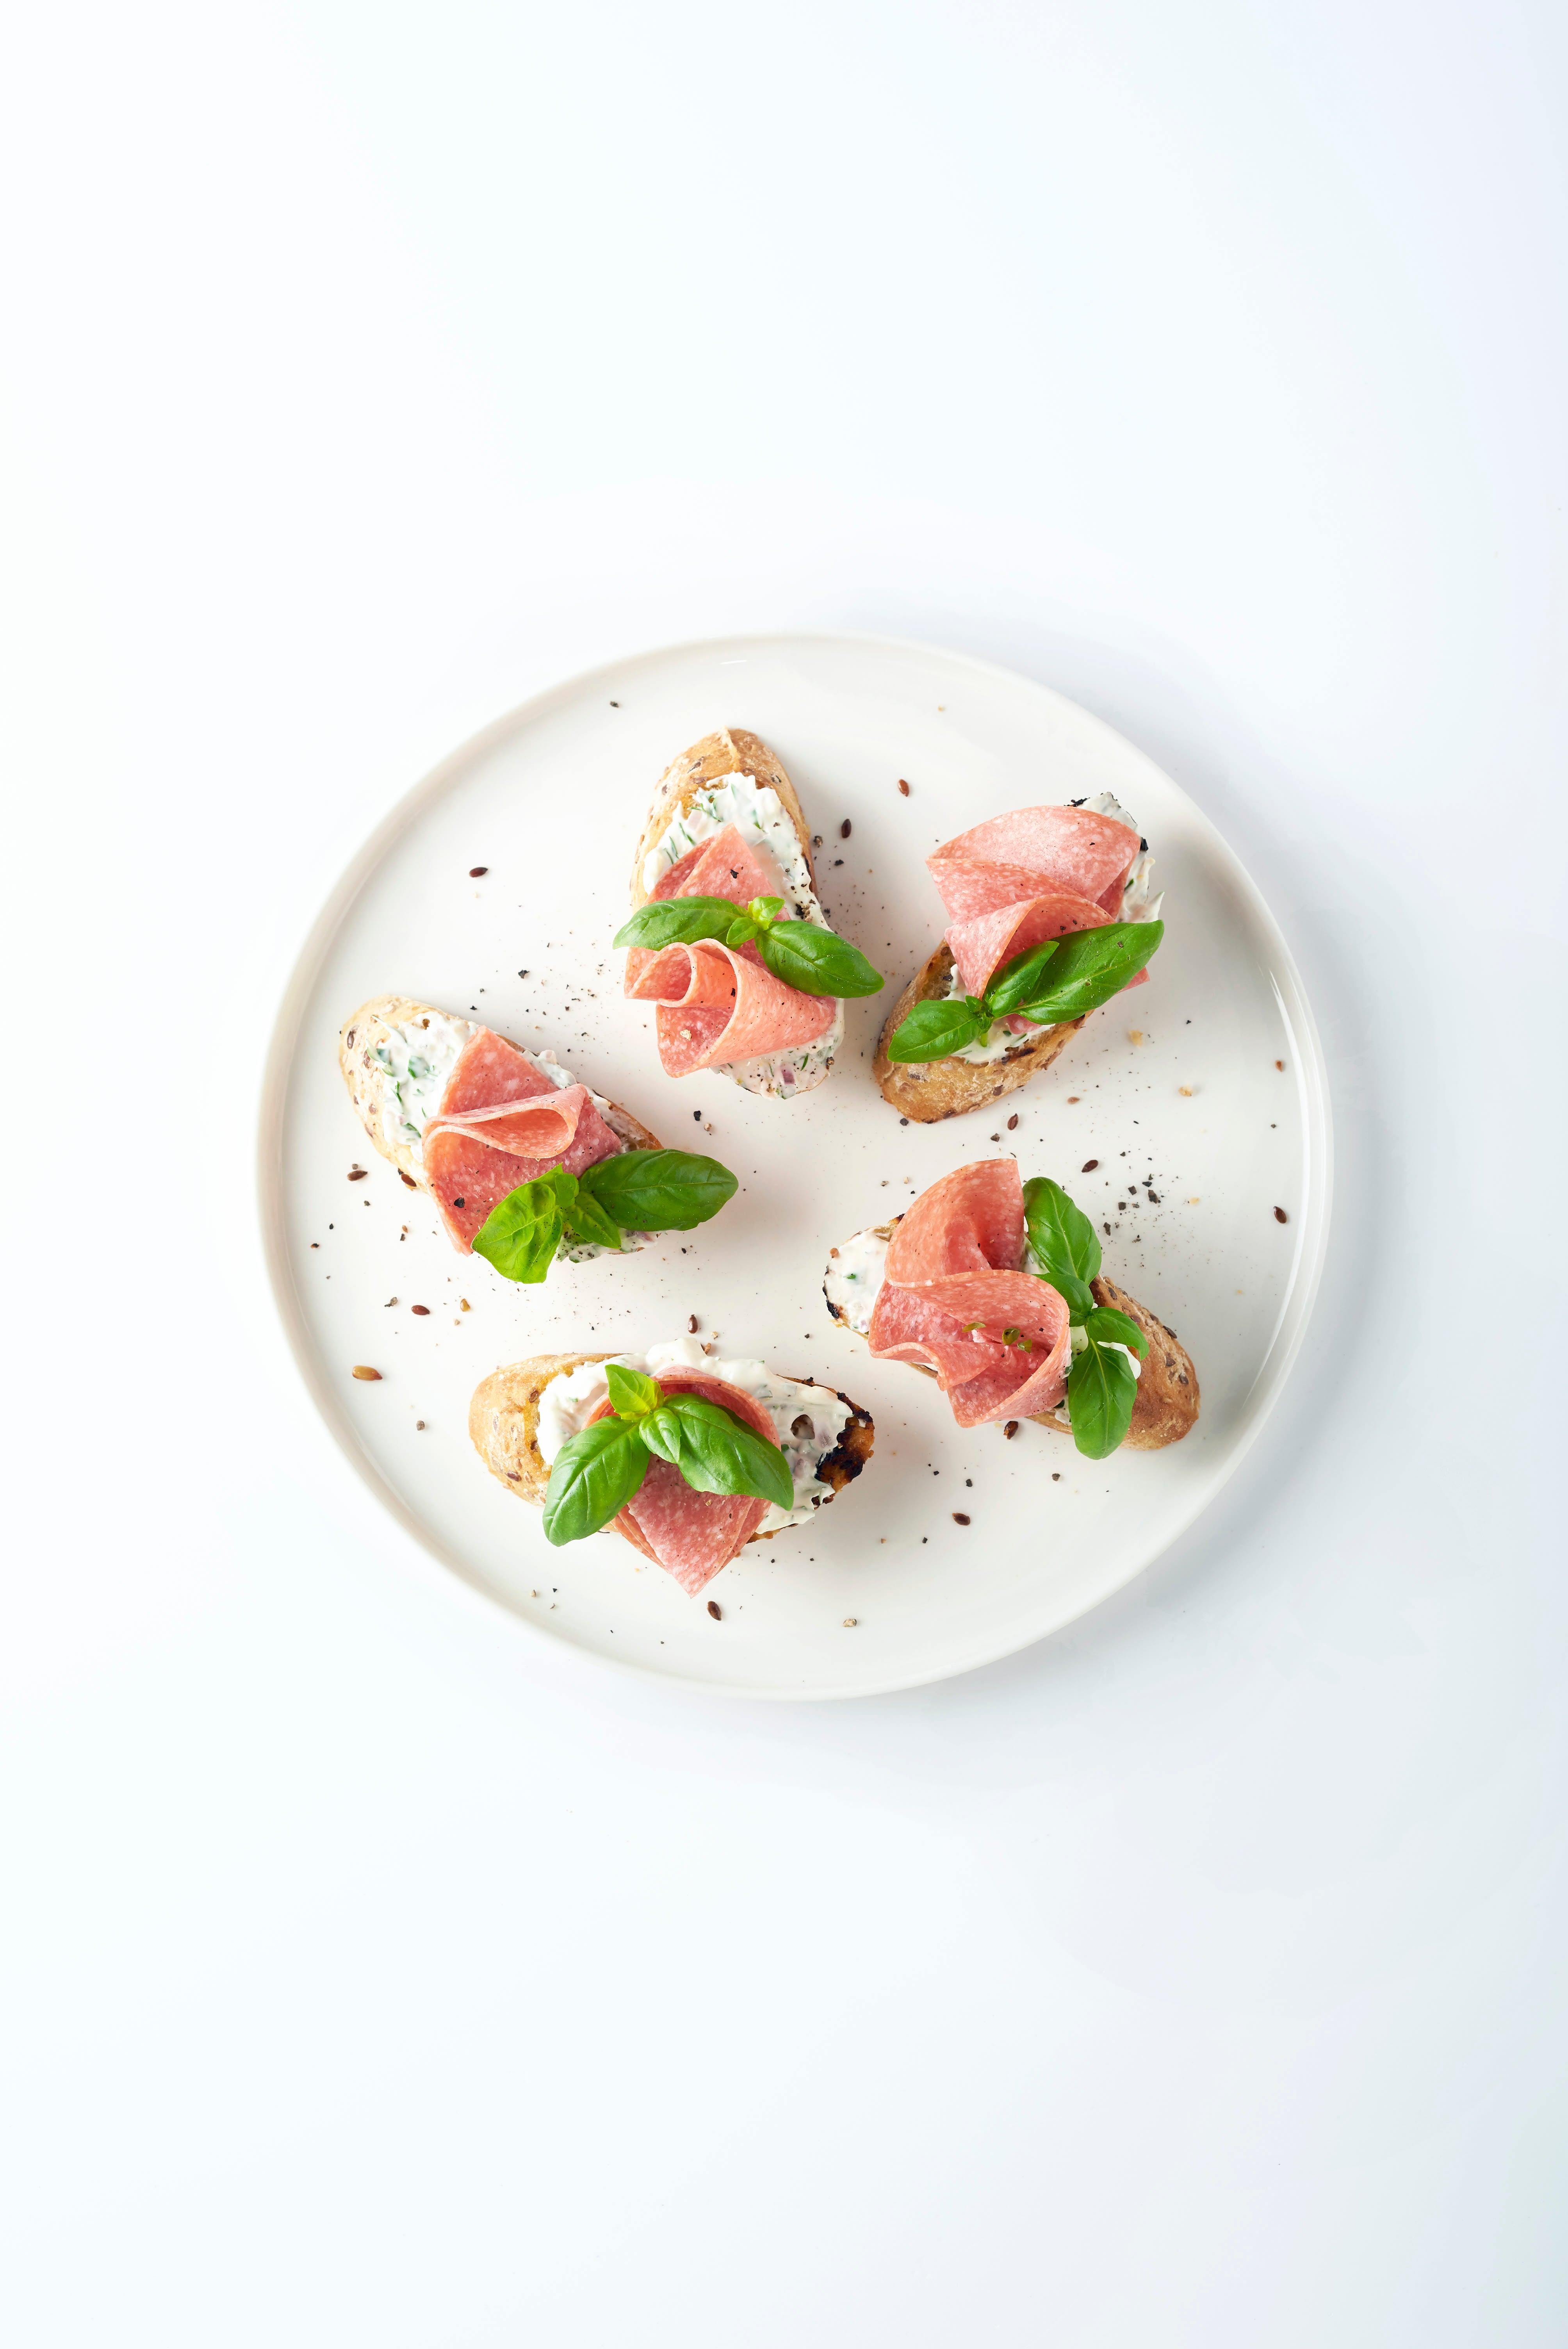 Photo de Bruschetta au fromage aux fines herbes et salami prise par WW